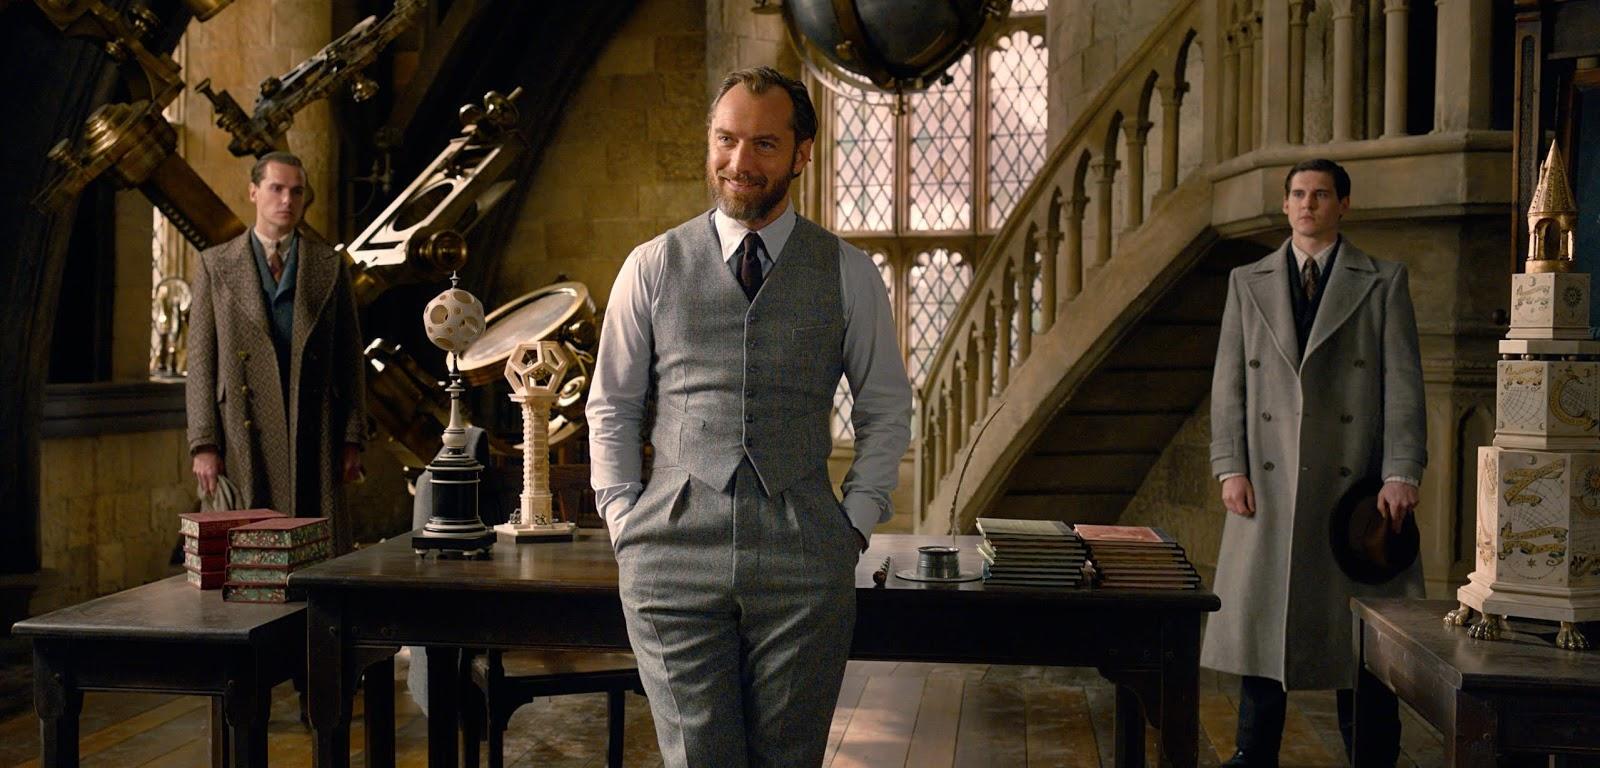 Albus Dumbledore, Jude Law, Fantastyczne zwierzęta, Zbrodnie Grindelwalda